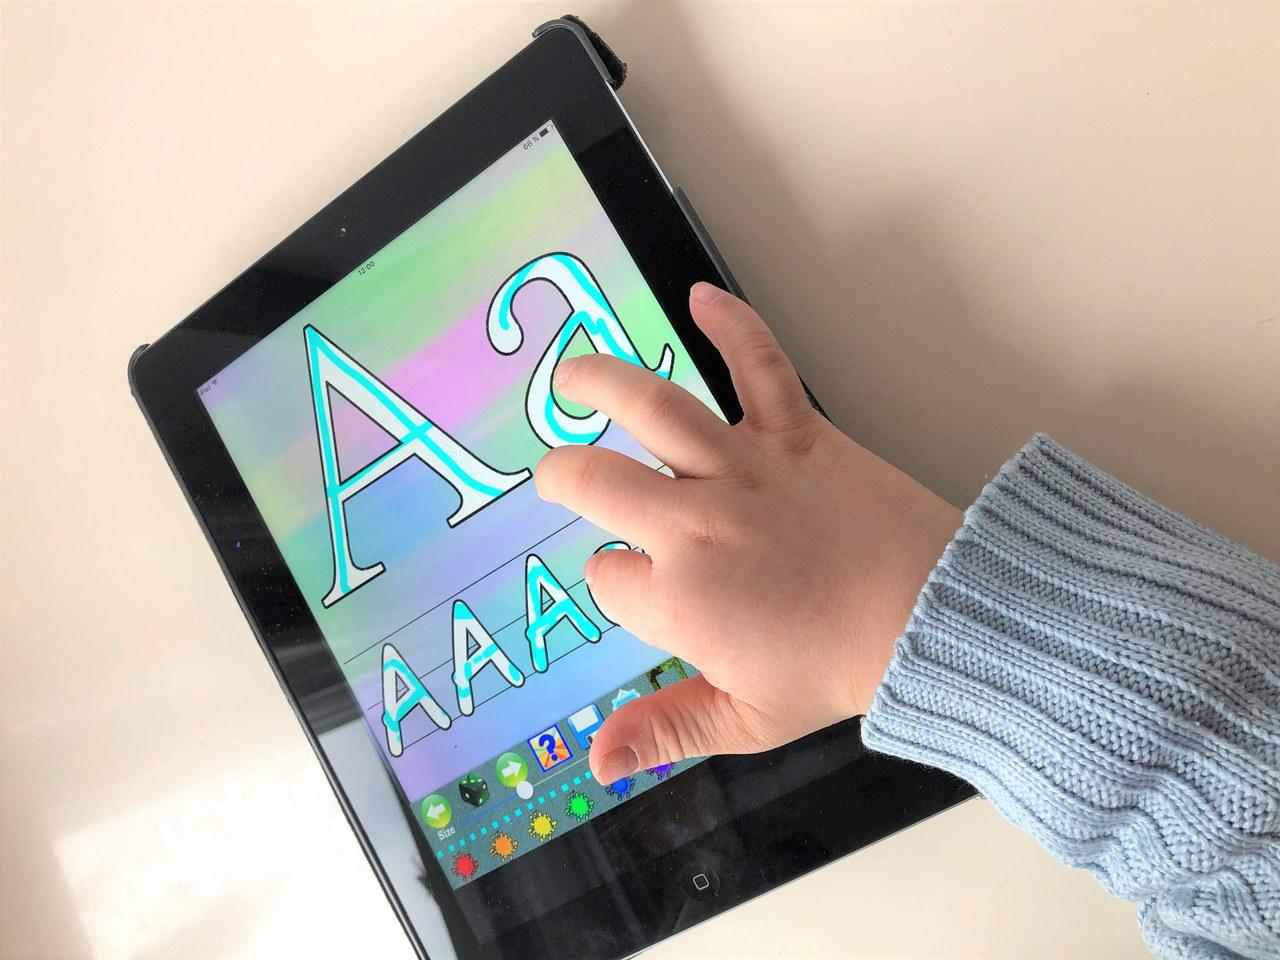 Kind am iPad